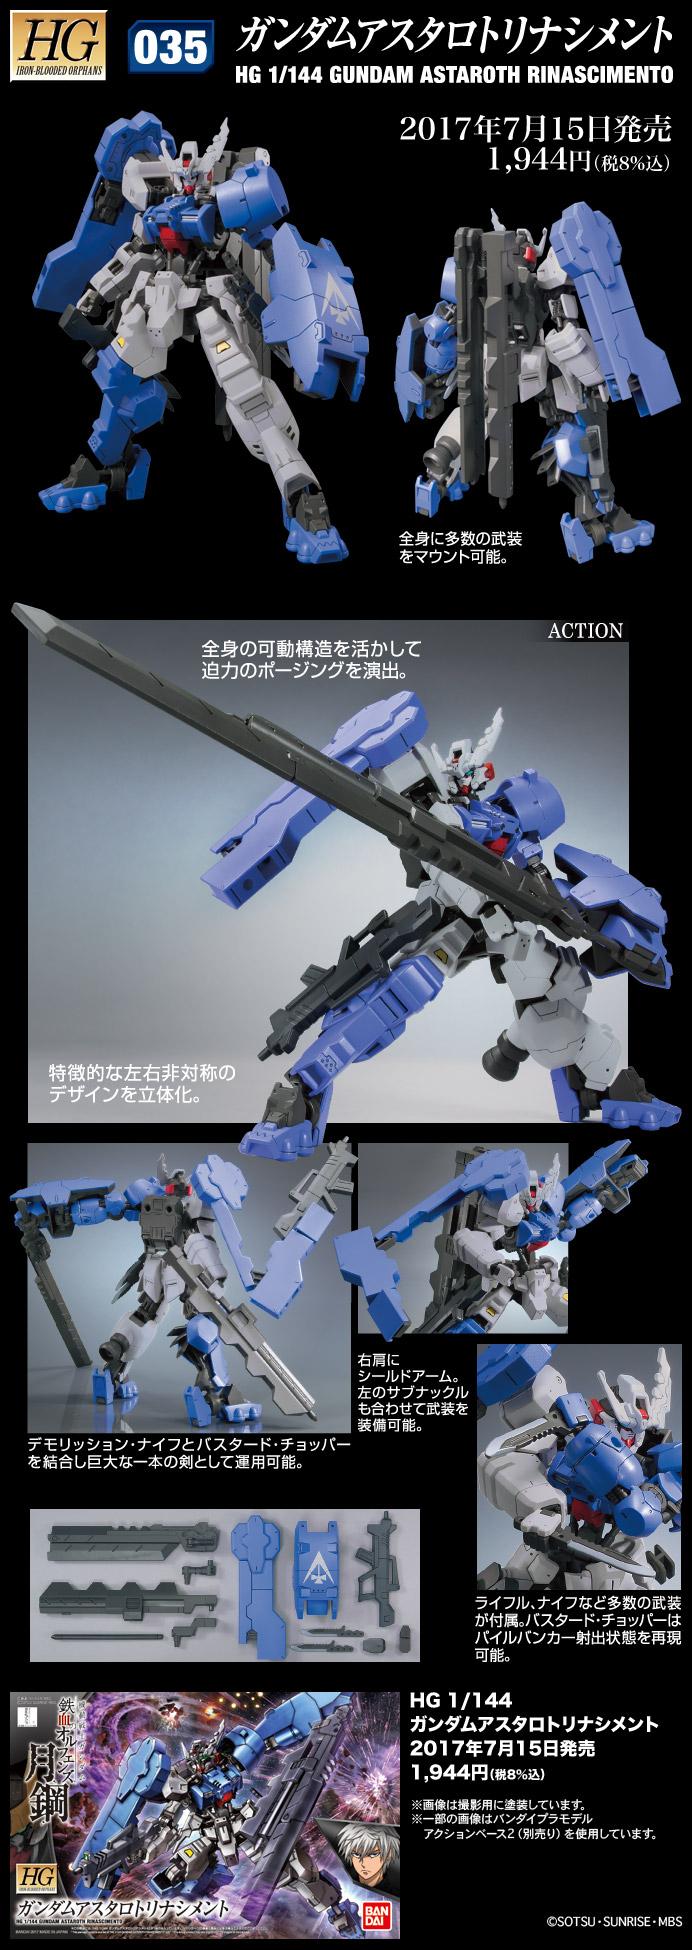 HG 1/144 ASW-G-29 ガンダムアスタロトリナシメント [Gundam Astaroth Rinascimento] 公式商品説明(画像)